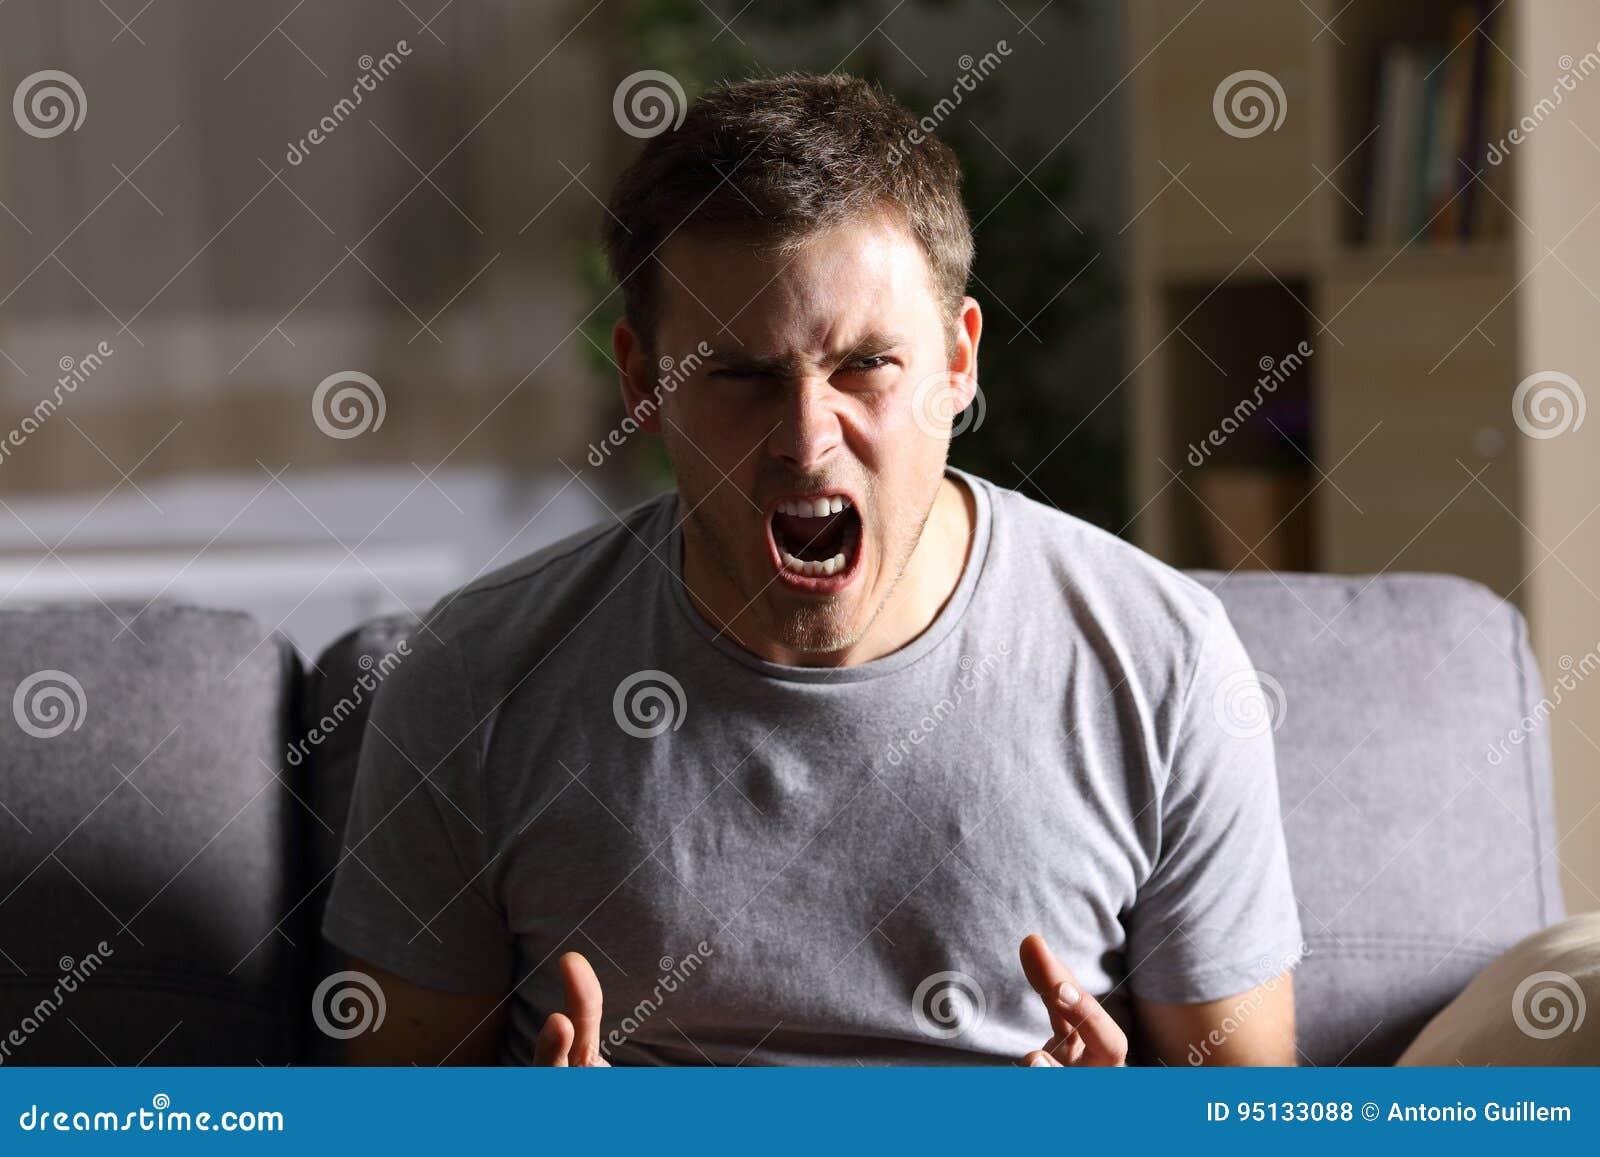 Furious man shouting at camera